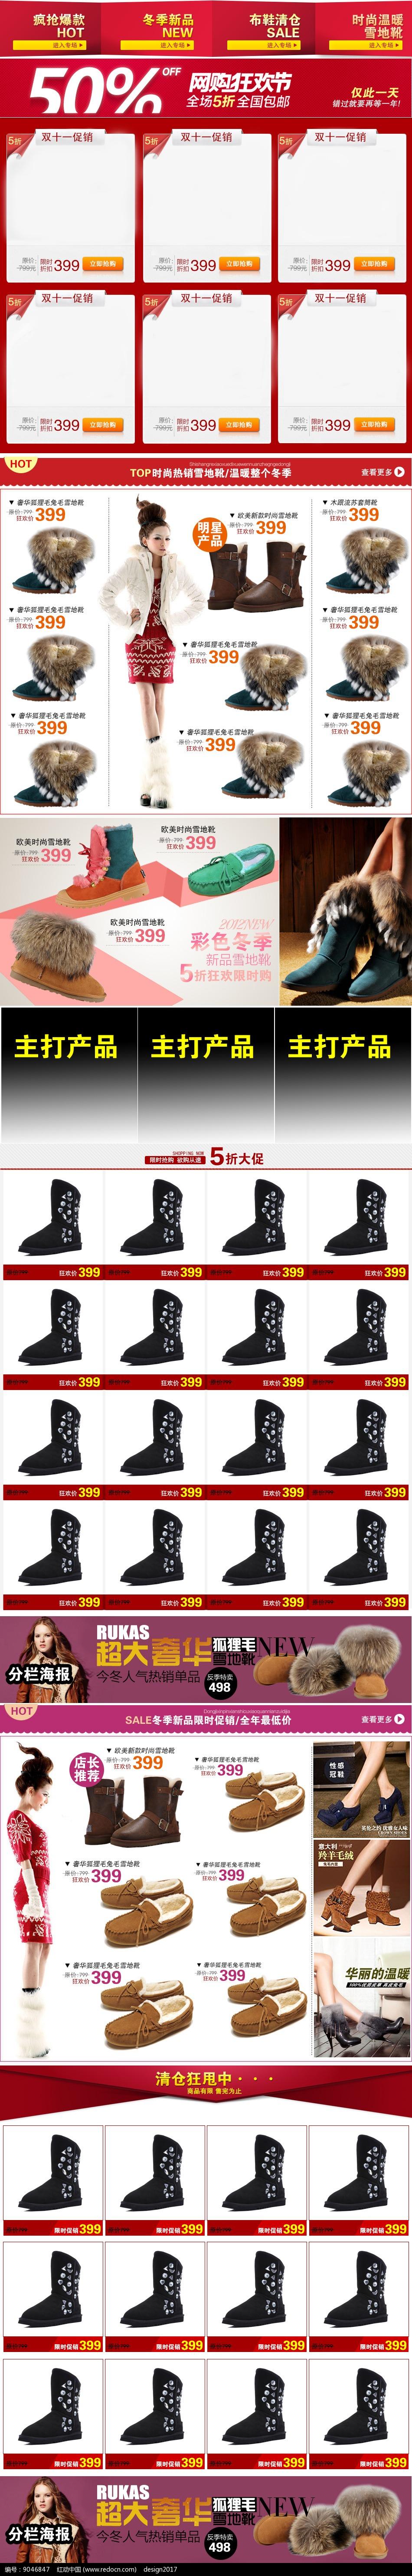 女鞋双十一促销网页PSD素材图片